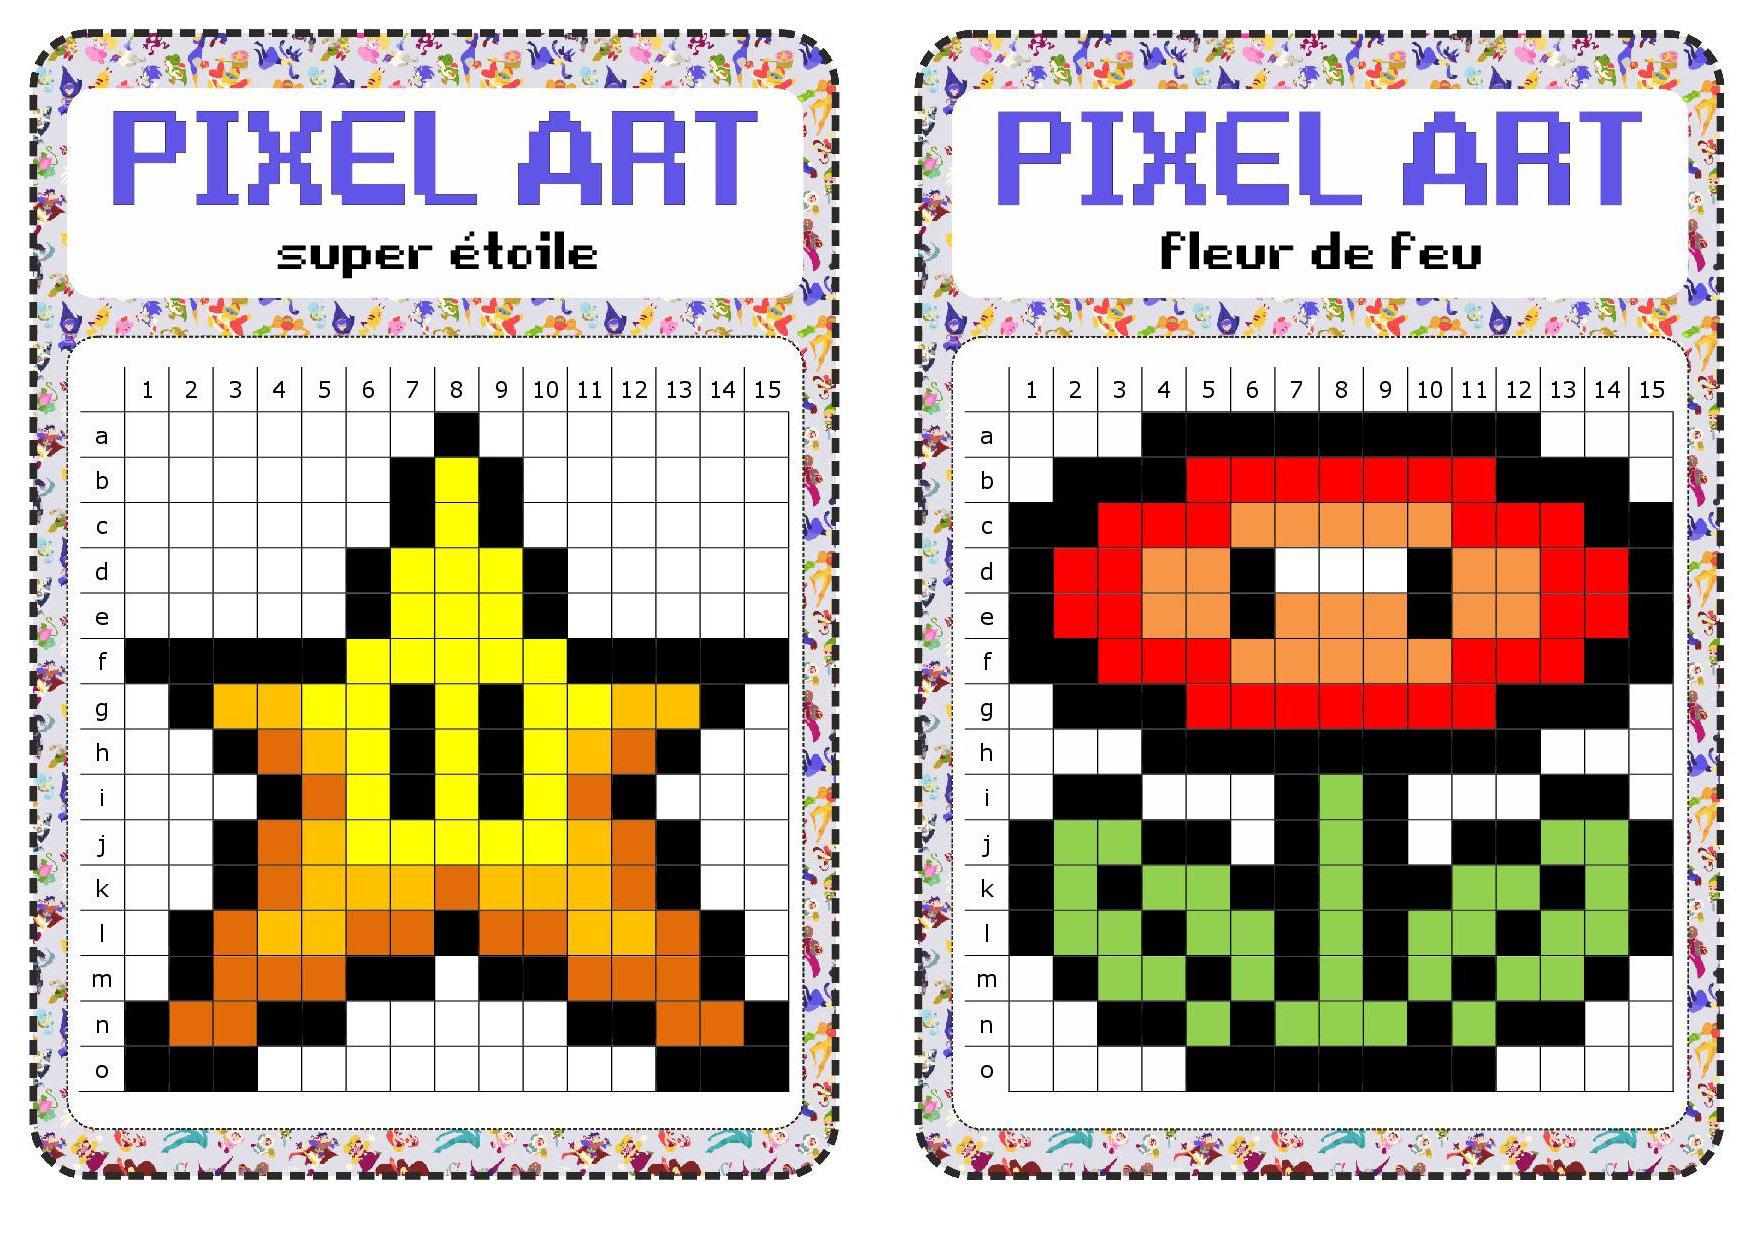 Atelier Libre : Pixel Art - Fiches De Préparations (Cycle1 à Jeux De Dessin Pixel Art Gratuit